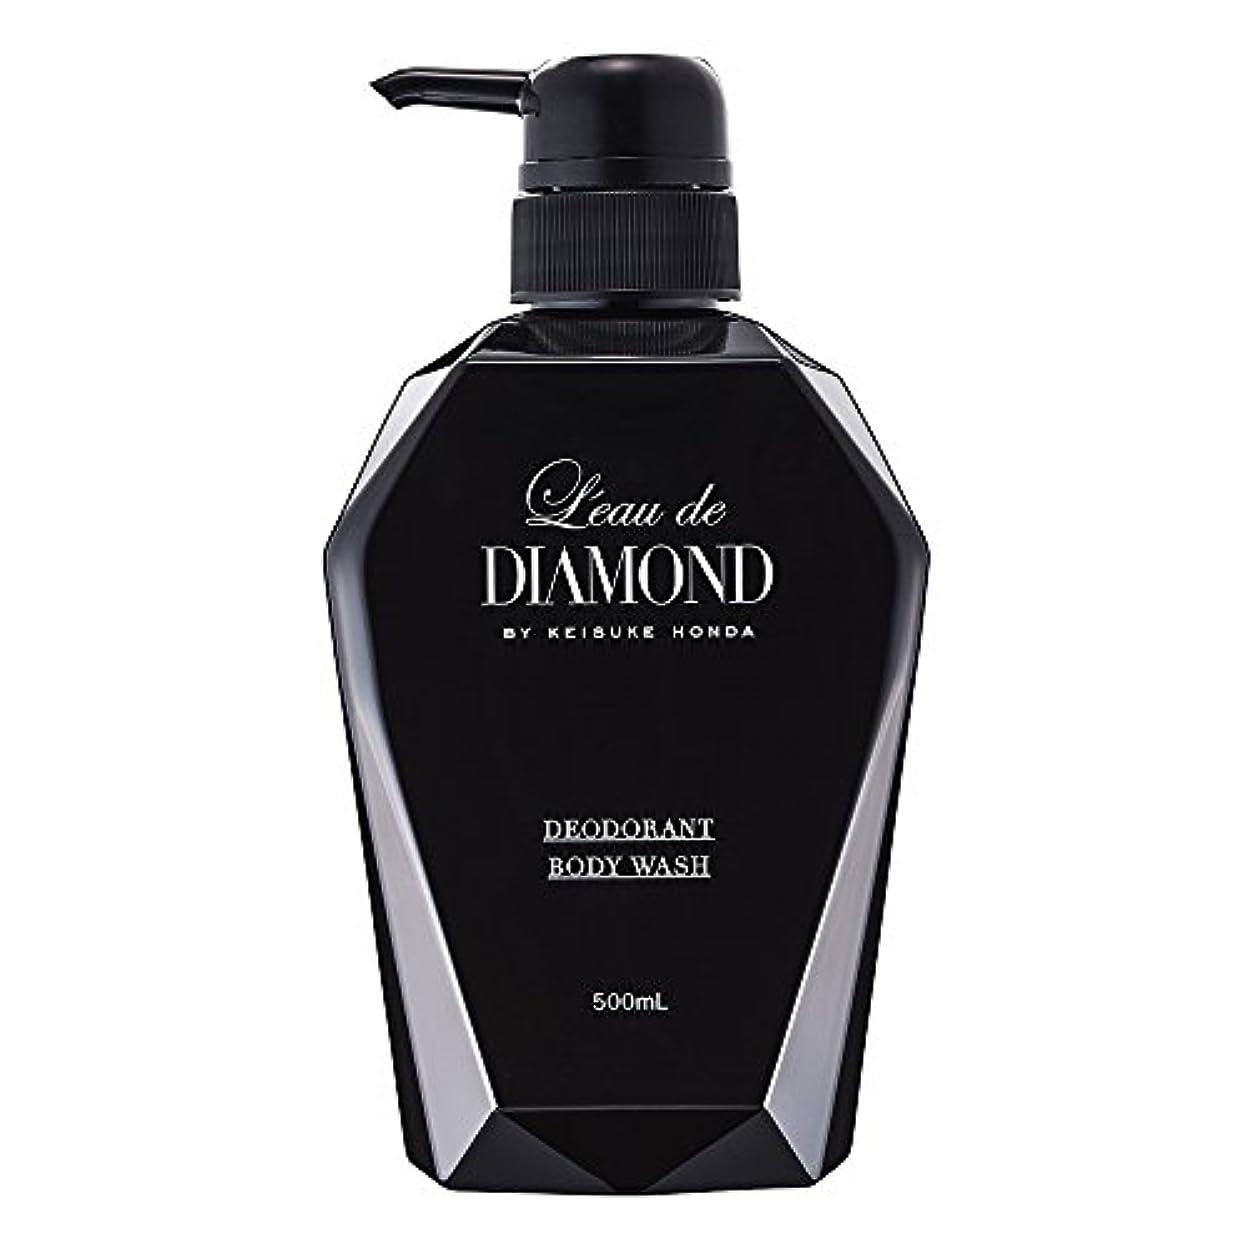 カップル疲労振るうロードダイアモンド 薬用デオドラントボディウォッシュ 500ml